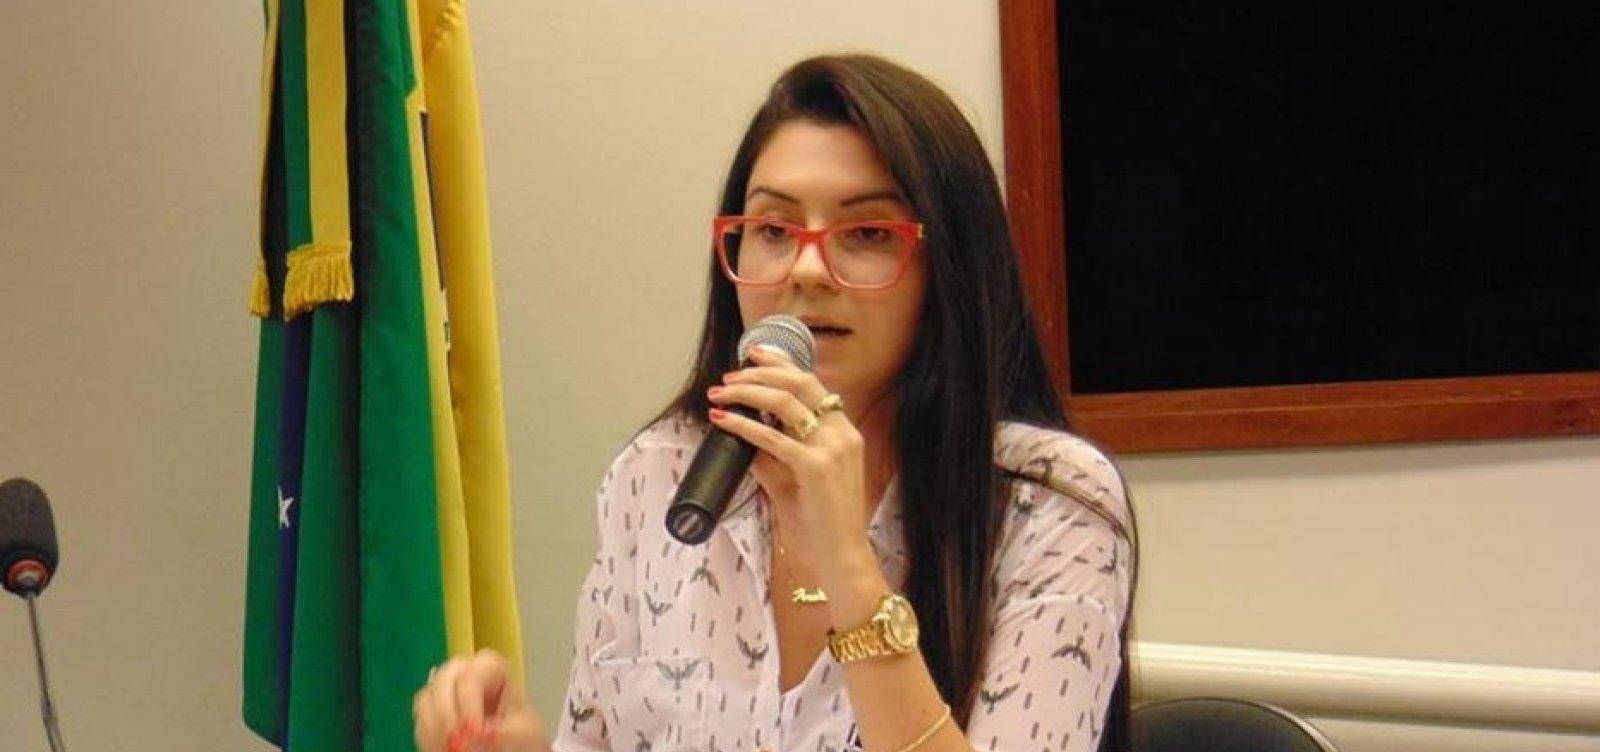 [Deputada aliada de Bolsonaro cria canal anônimo de denúncia contra professores]